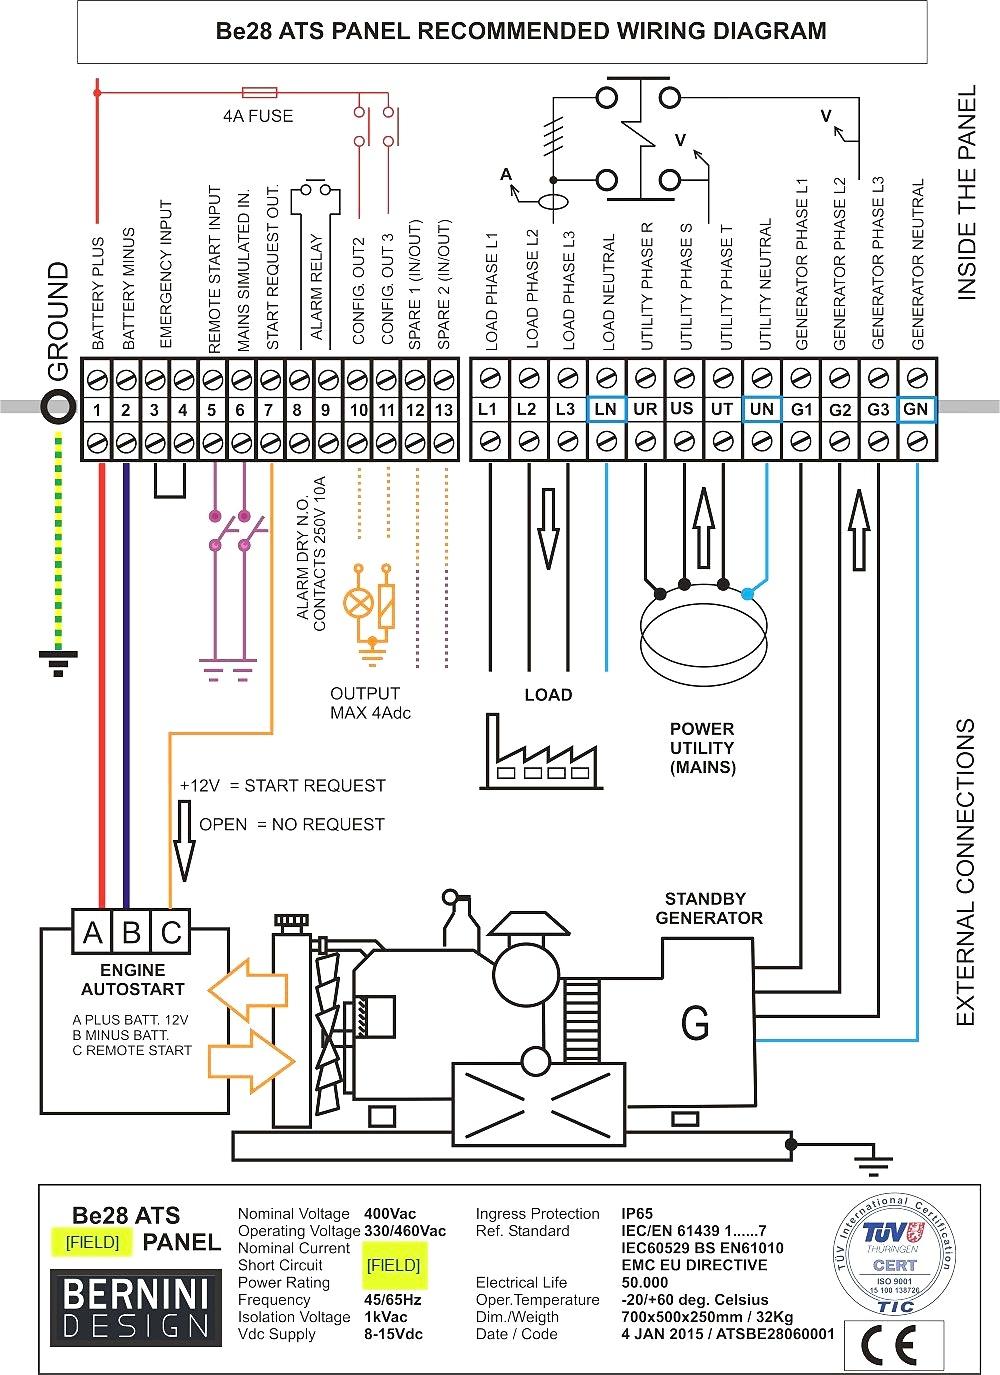 Wiring Diagram For Onan 4 0 Rv Generator | basic electronics wiring on onan starter solenoid wiring diagram, onan coil wiring diagram, onan marquis 7000 parts diagram, 4.0 onan generator manuals, onan generator engine diagram, onan 5500 carburetor diagram, kubota generator wiring diagram, cummins generator wiring diagram, onan engine parts diagram, onan transfer switch wiring diagram, 4.0 onan generator parts, onan remote start wiring diagram, onan diesel generator parts diagram, onan generator carburetor diagram, rv generator installation diagram, onan rv generator parts diagram, onan engine wiring diagram,